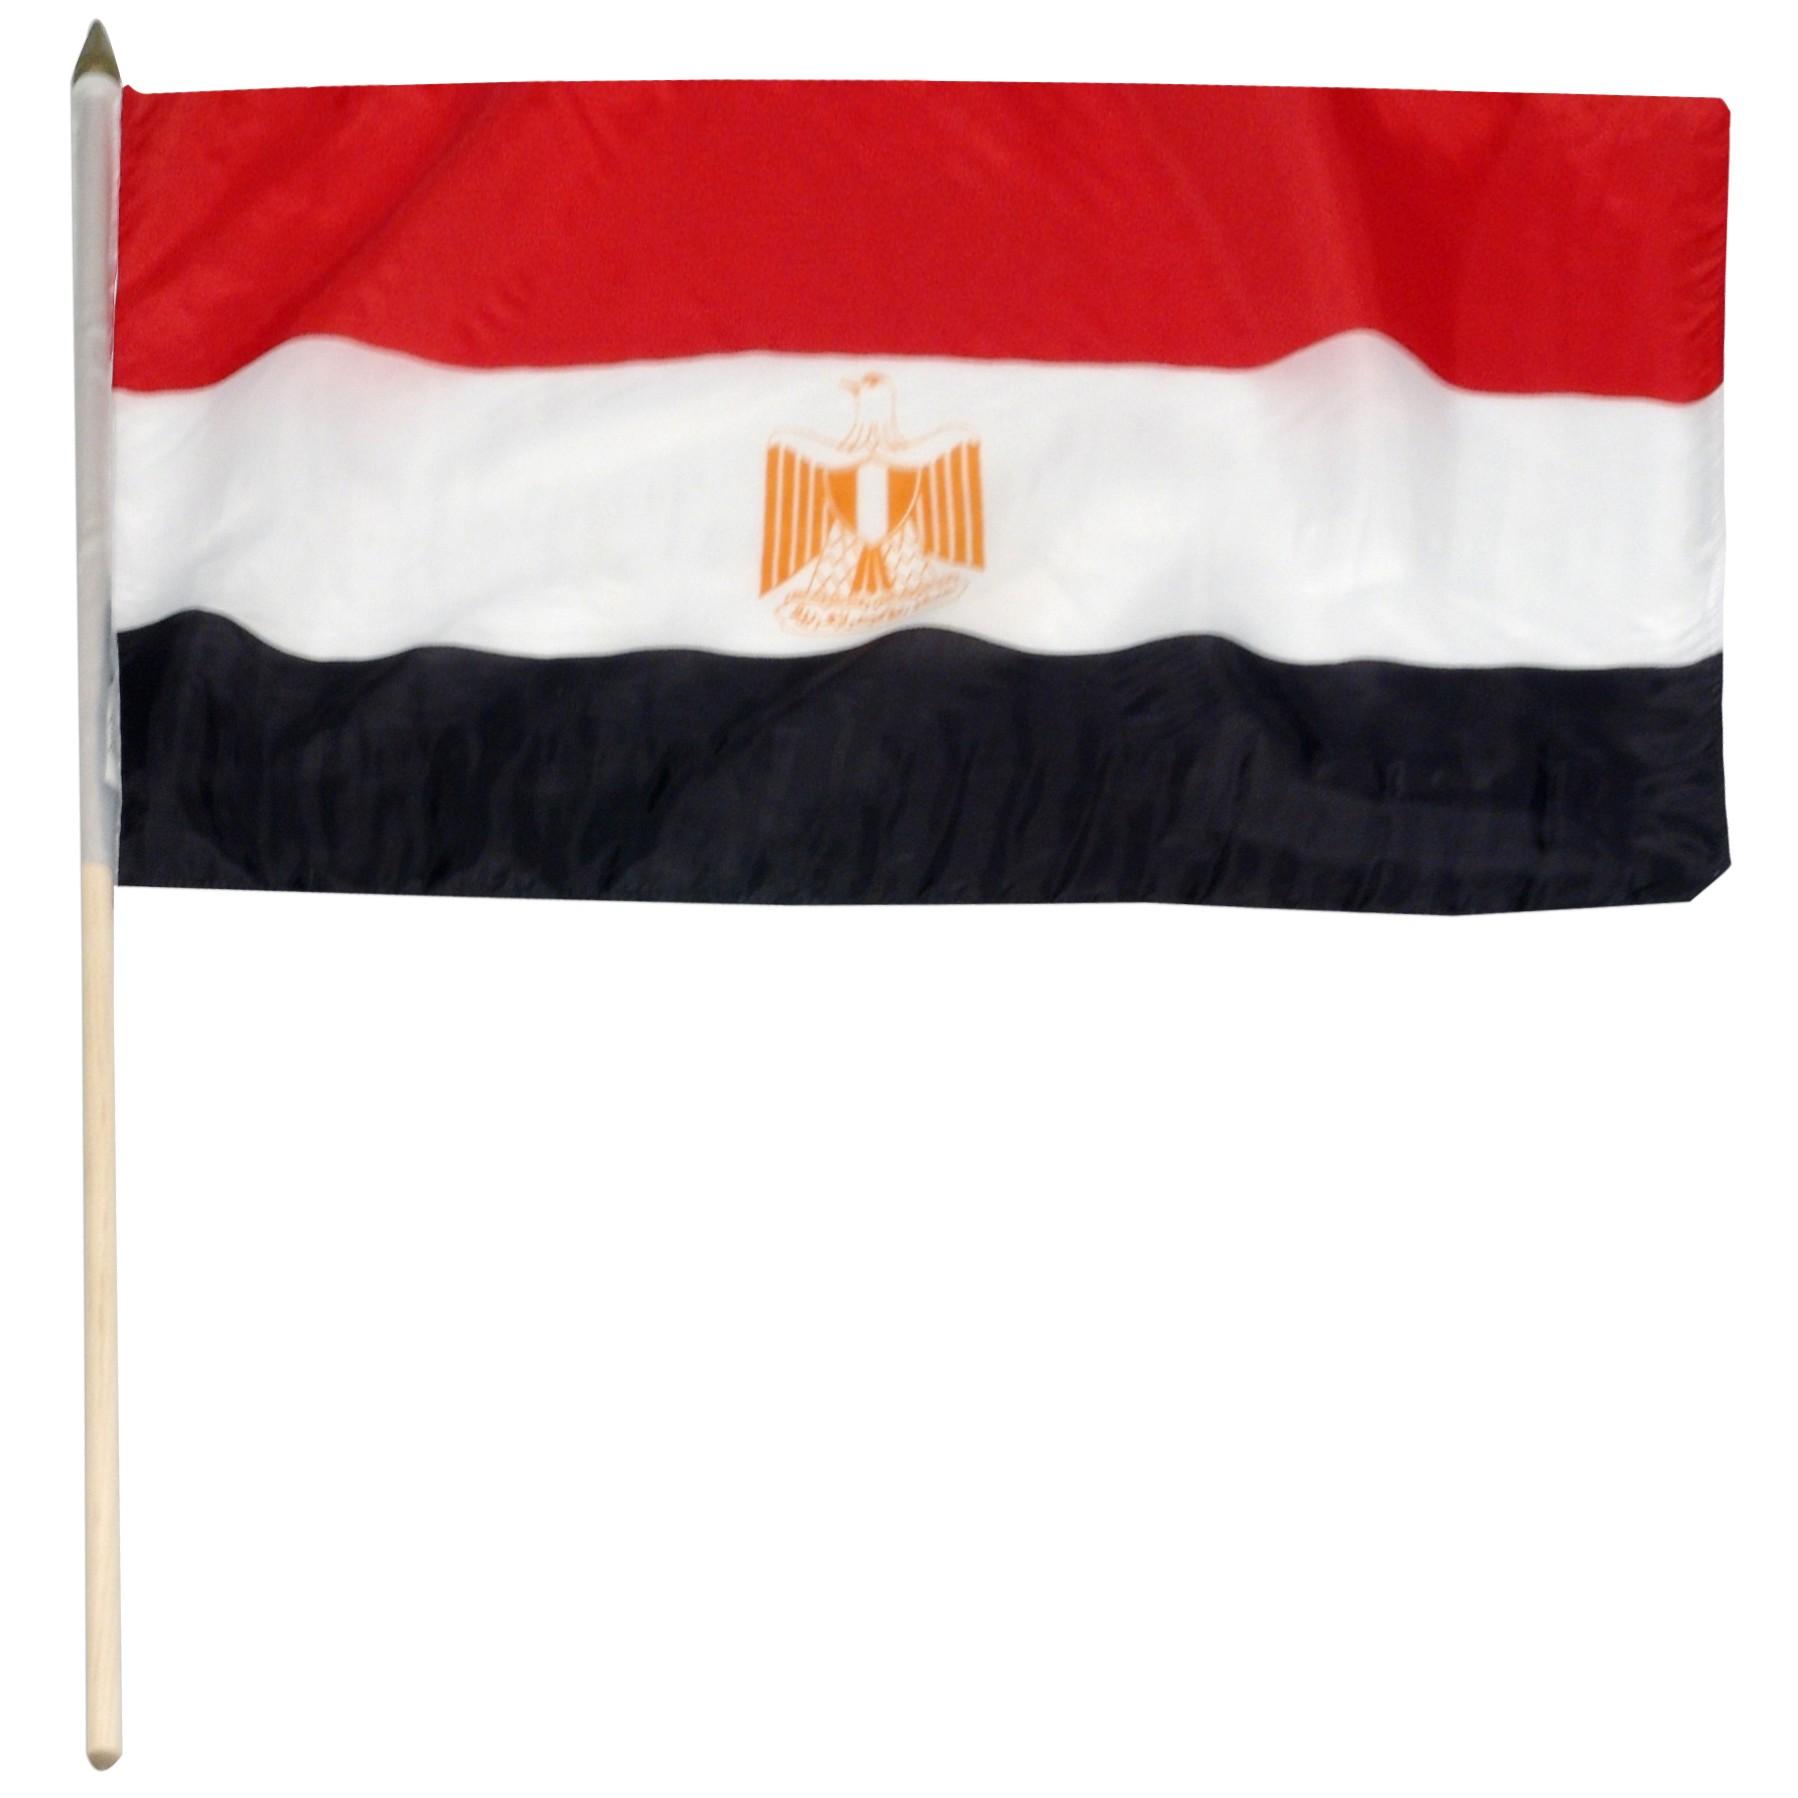 صورة لعلم مصر (1)